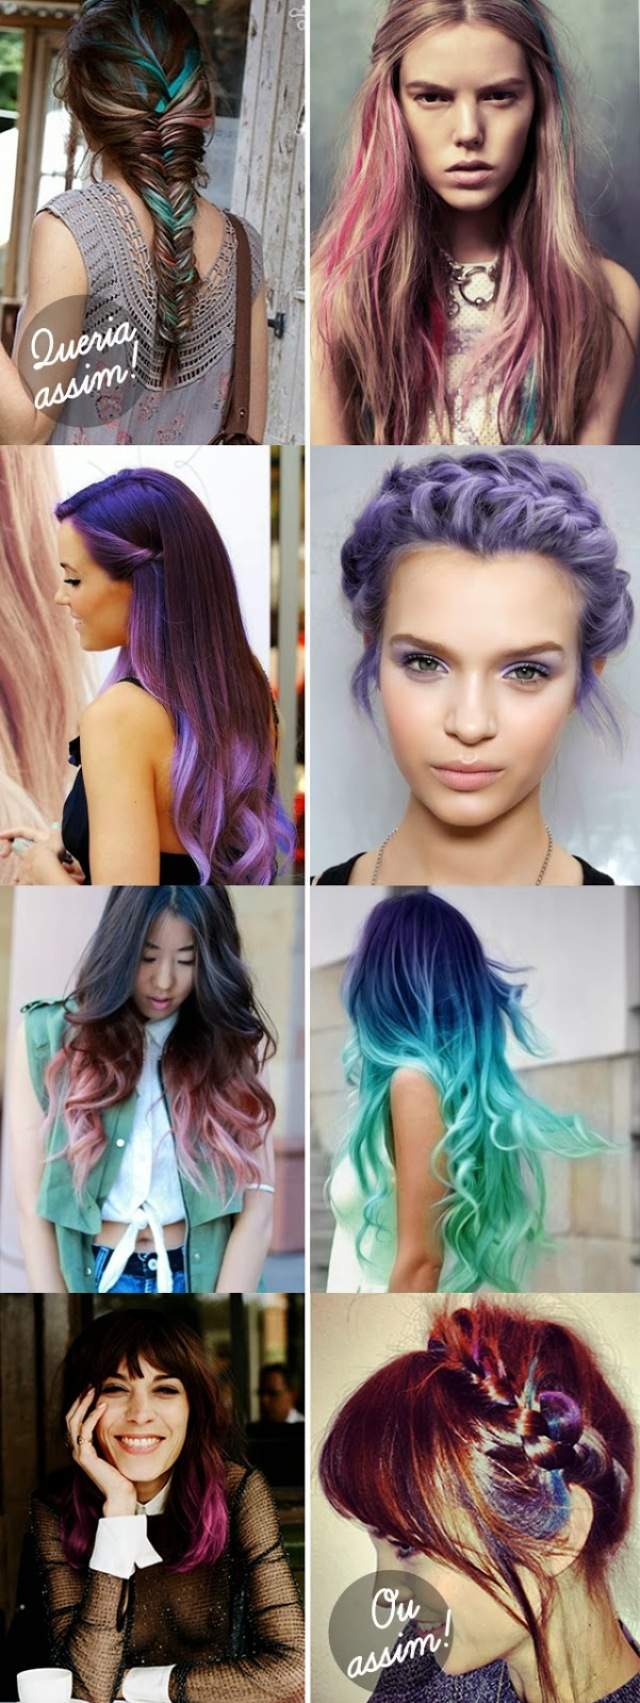 mechas, azul, rosa, hair color, exemplos, cores, cor, penteado, roxo, multicolorido